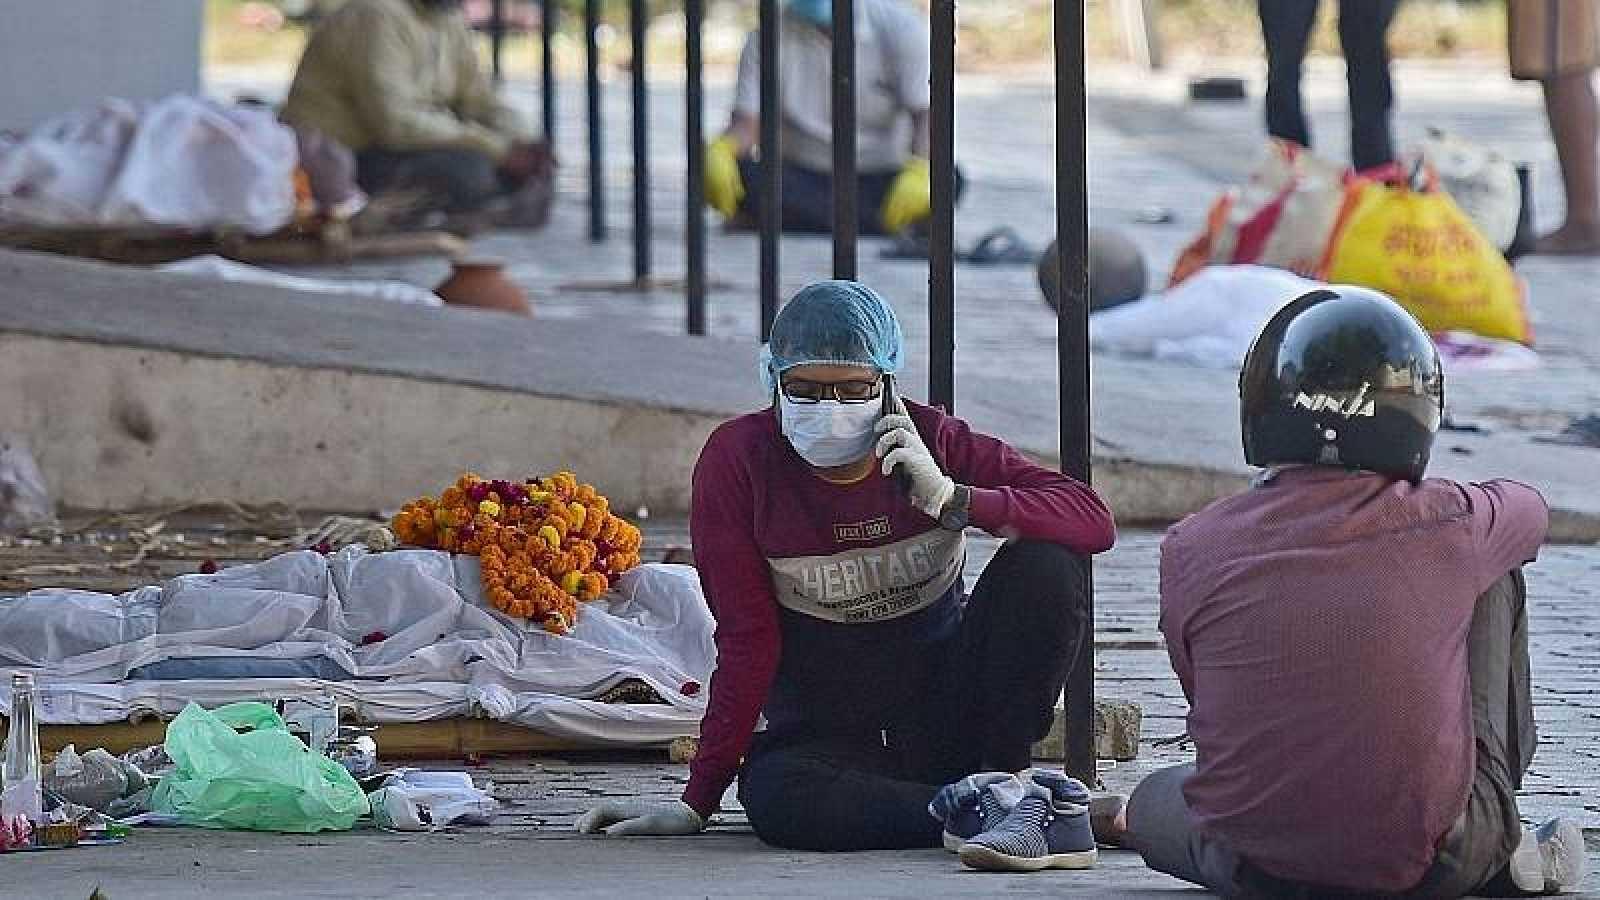 24 Horas Fin de Semana - La India, casi 2.800 muertos con COVID 19 en un día - Escuchar ahora